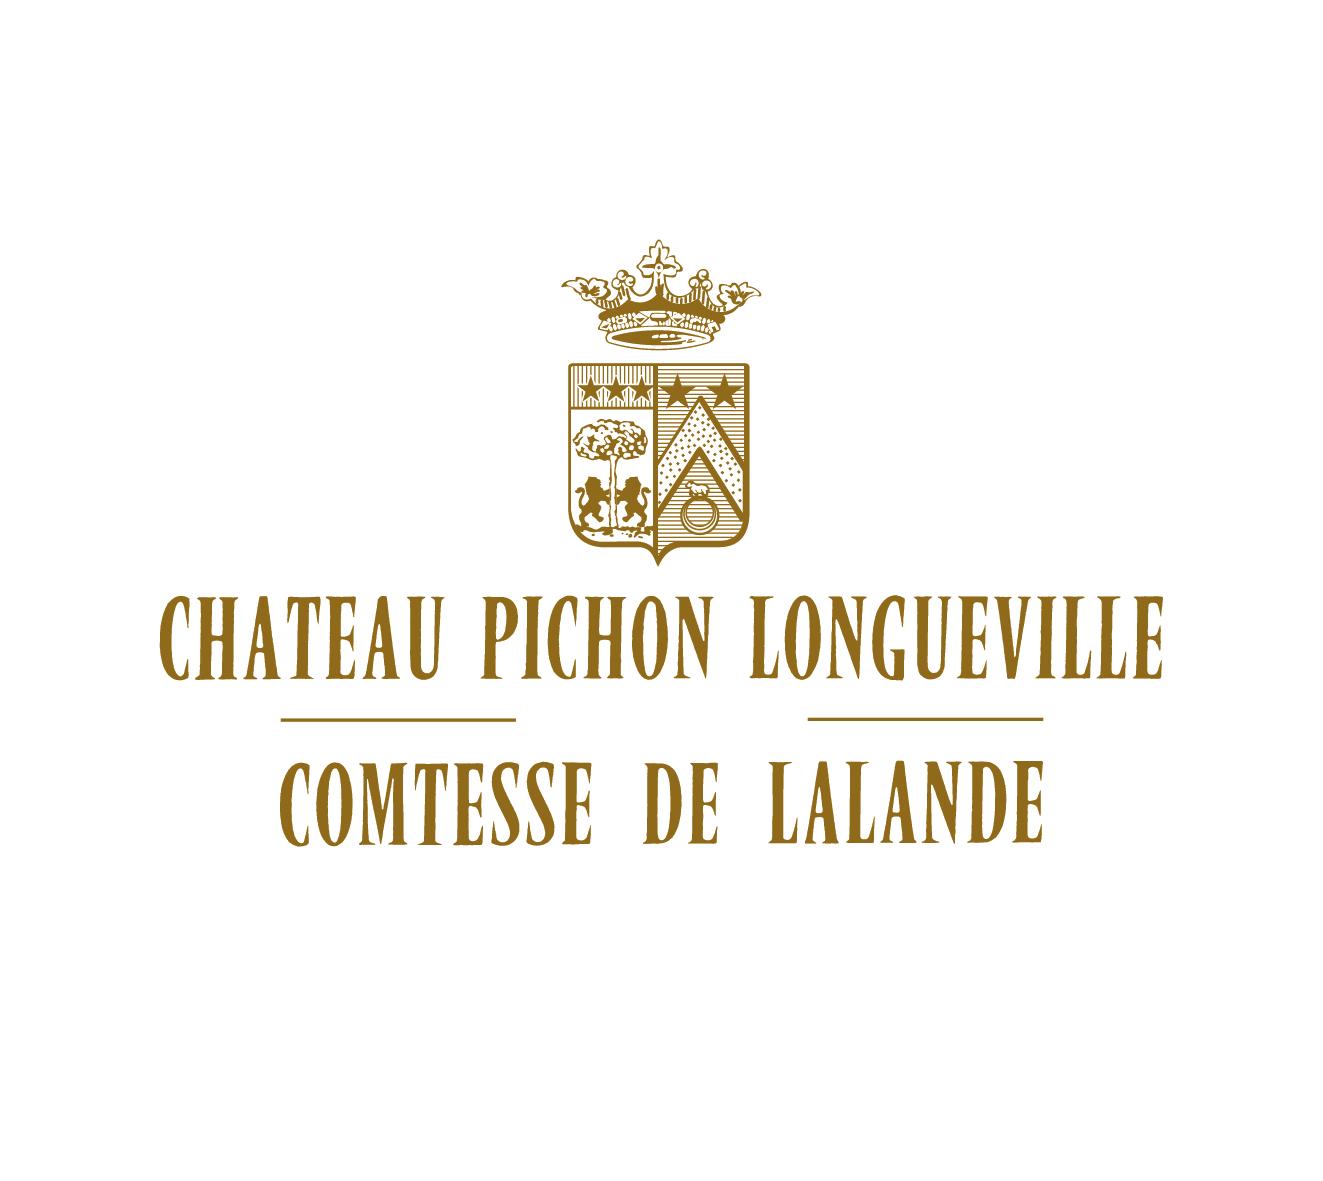 Château Pichon Longueville Comtesse de Lalande